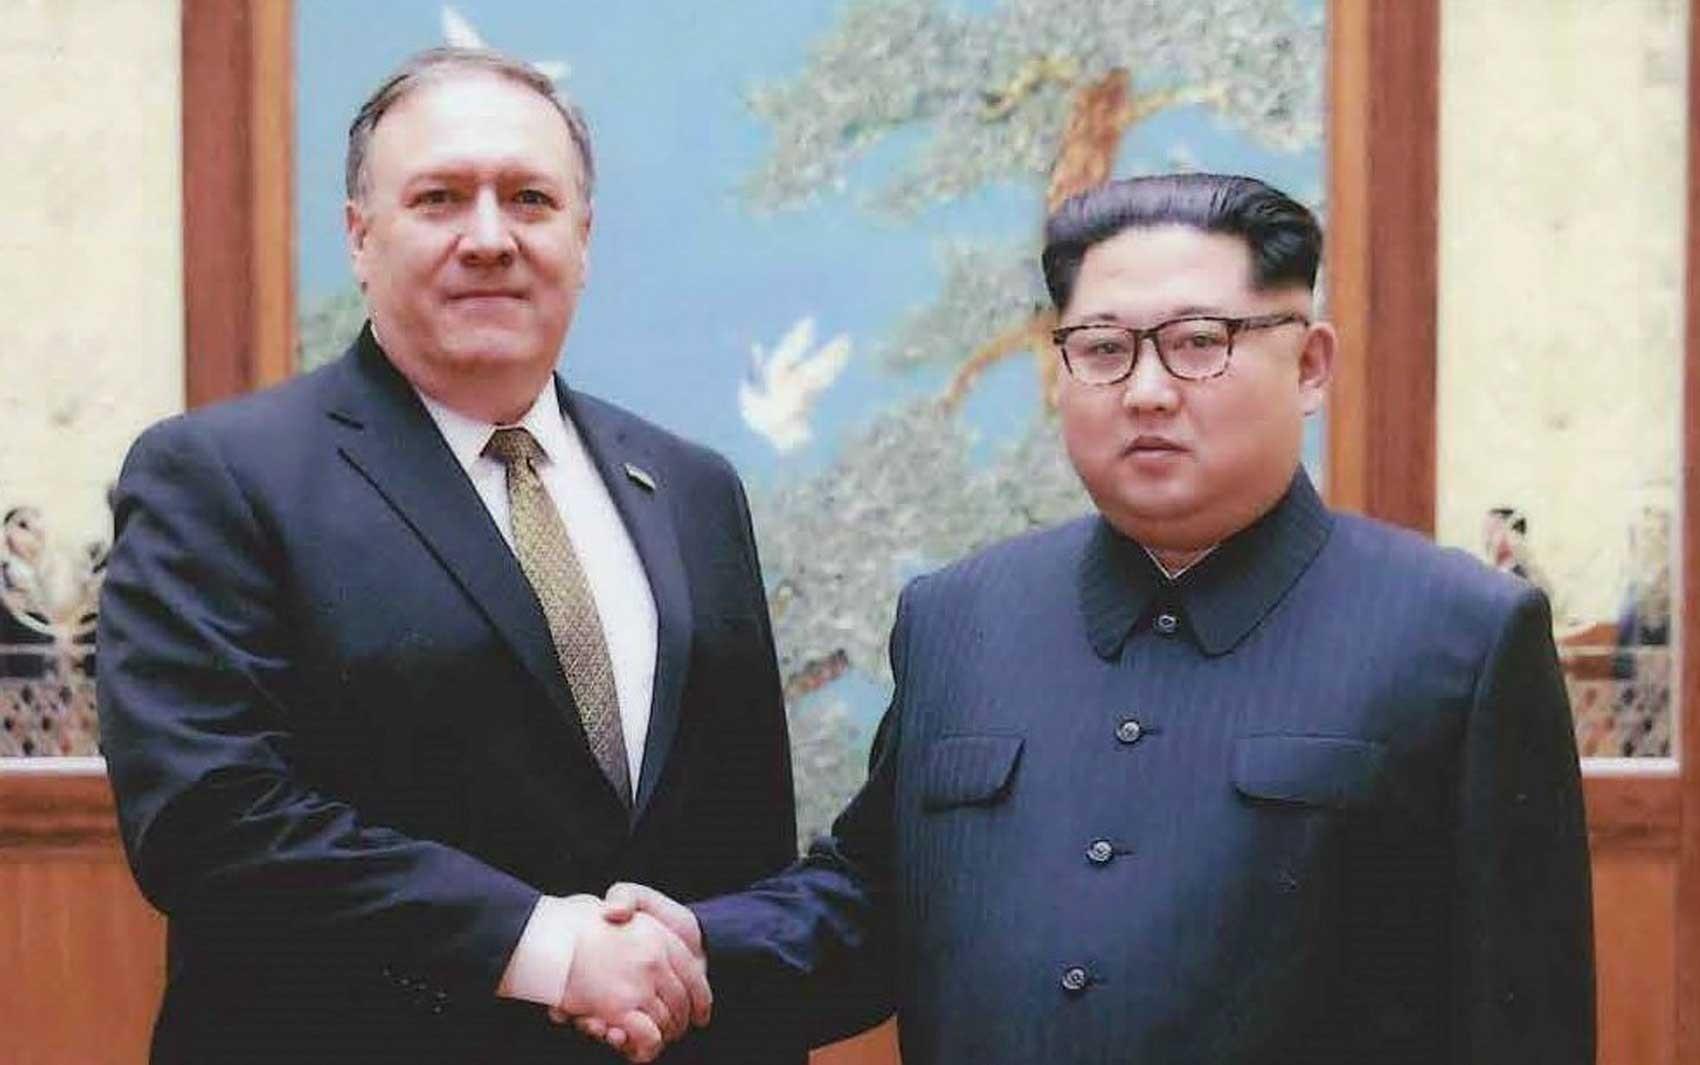 Coreia do Norte pede aos EUA que Pompeo deixe negociações sobre desnuclearização